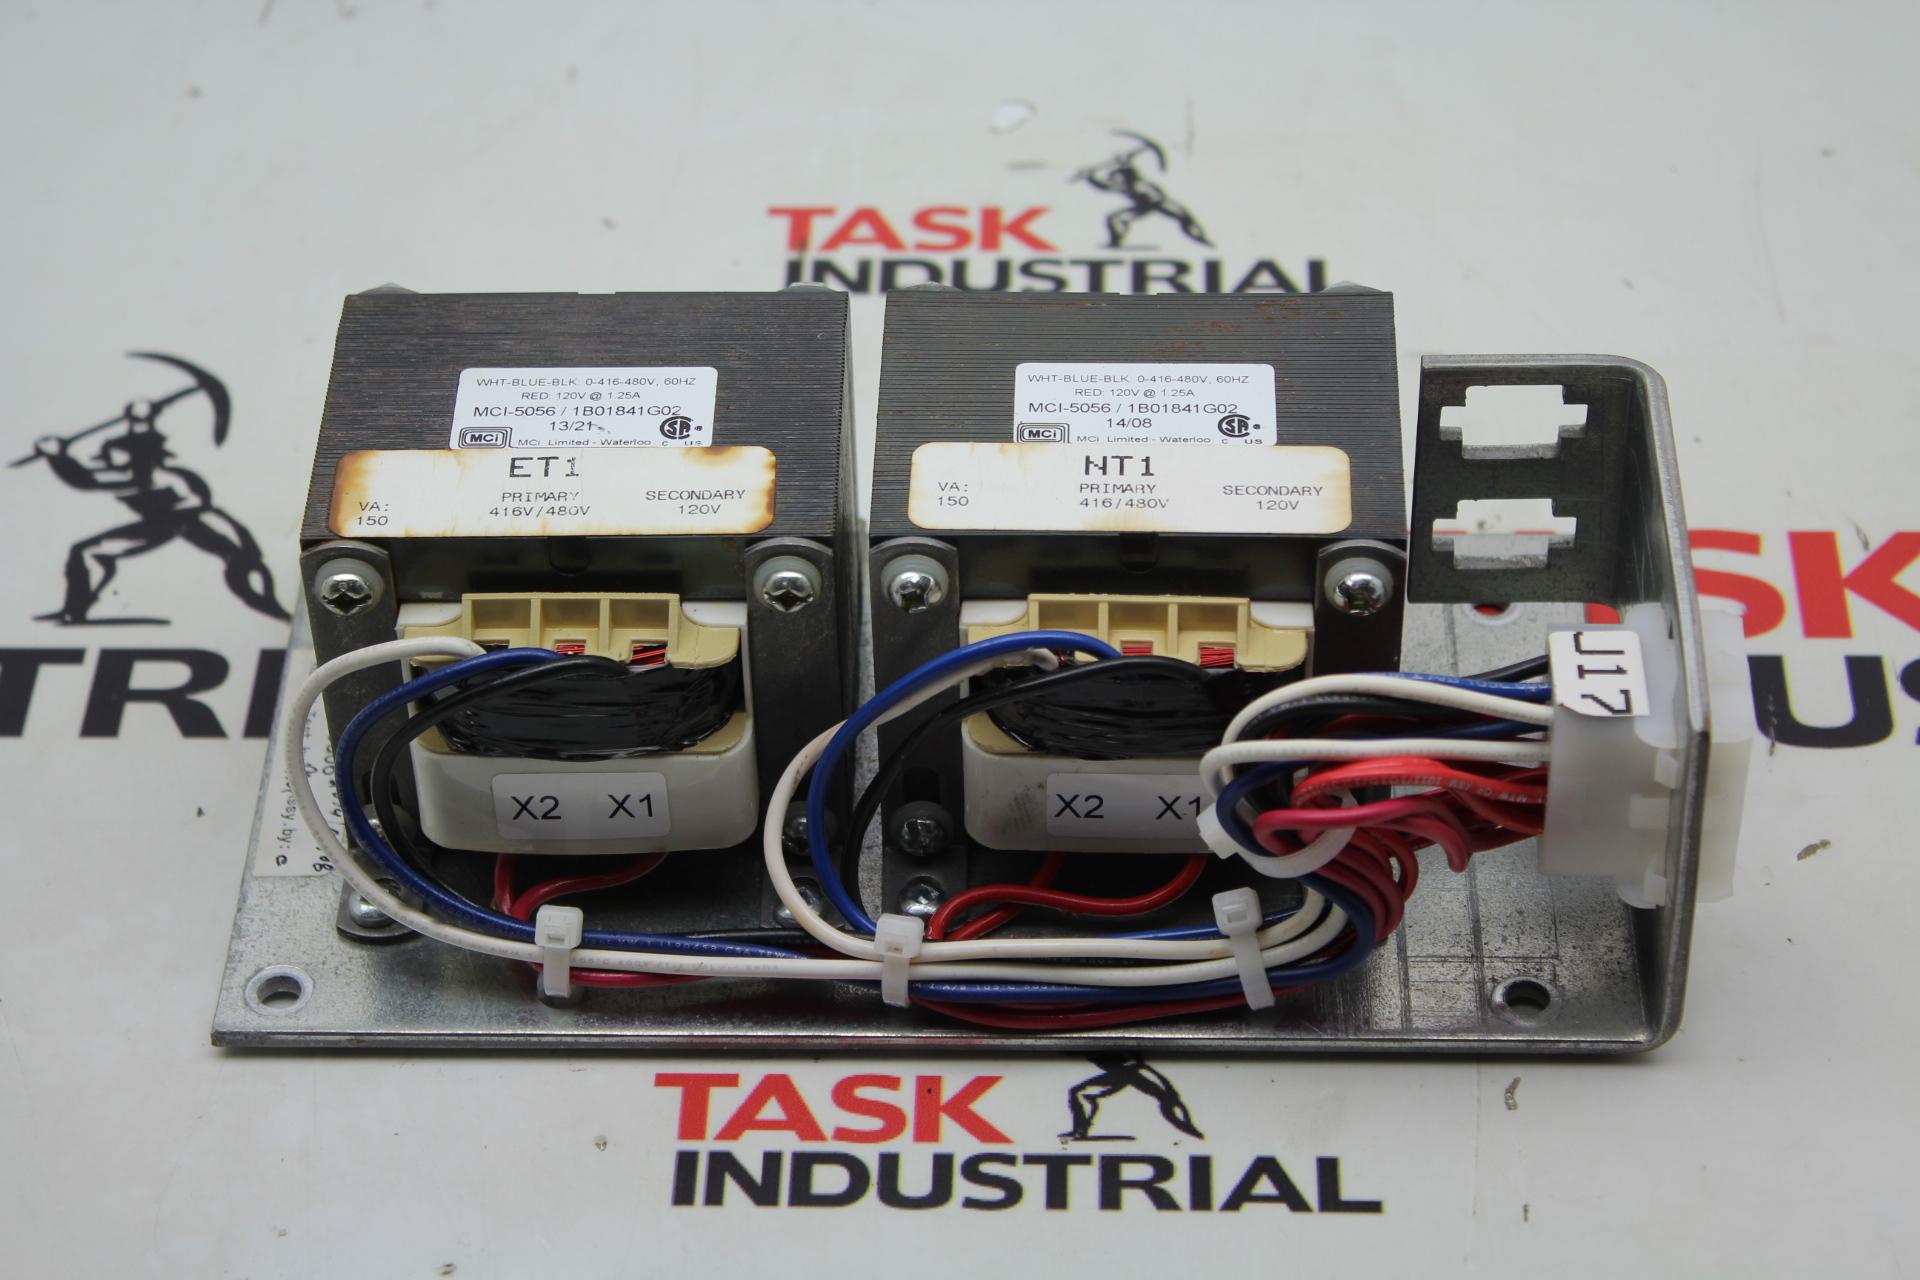 MCI Transformer 416V-480V MCI-5056/1BO1841G02